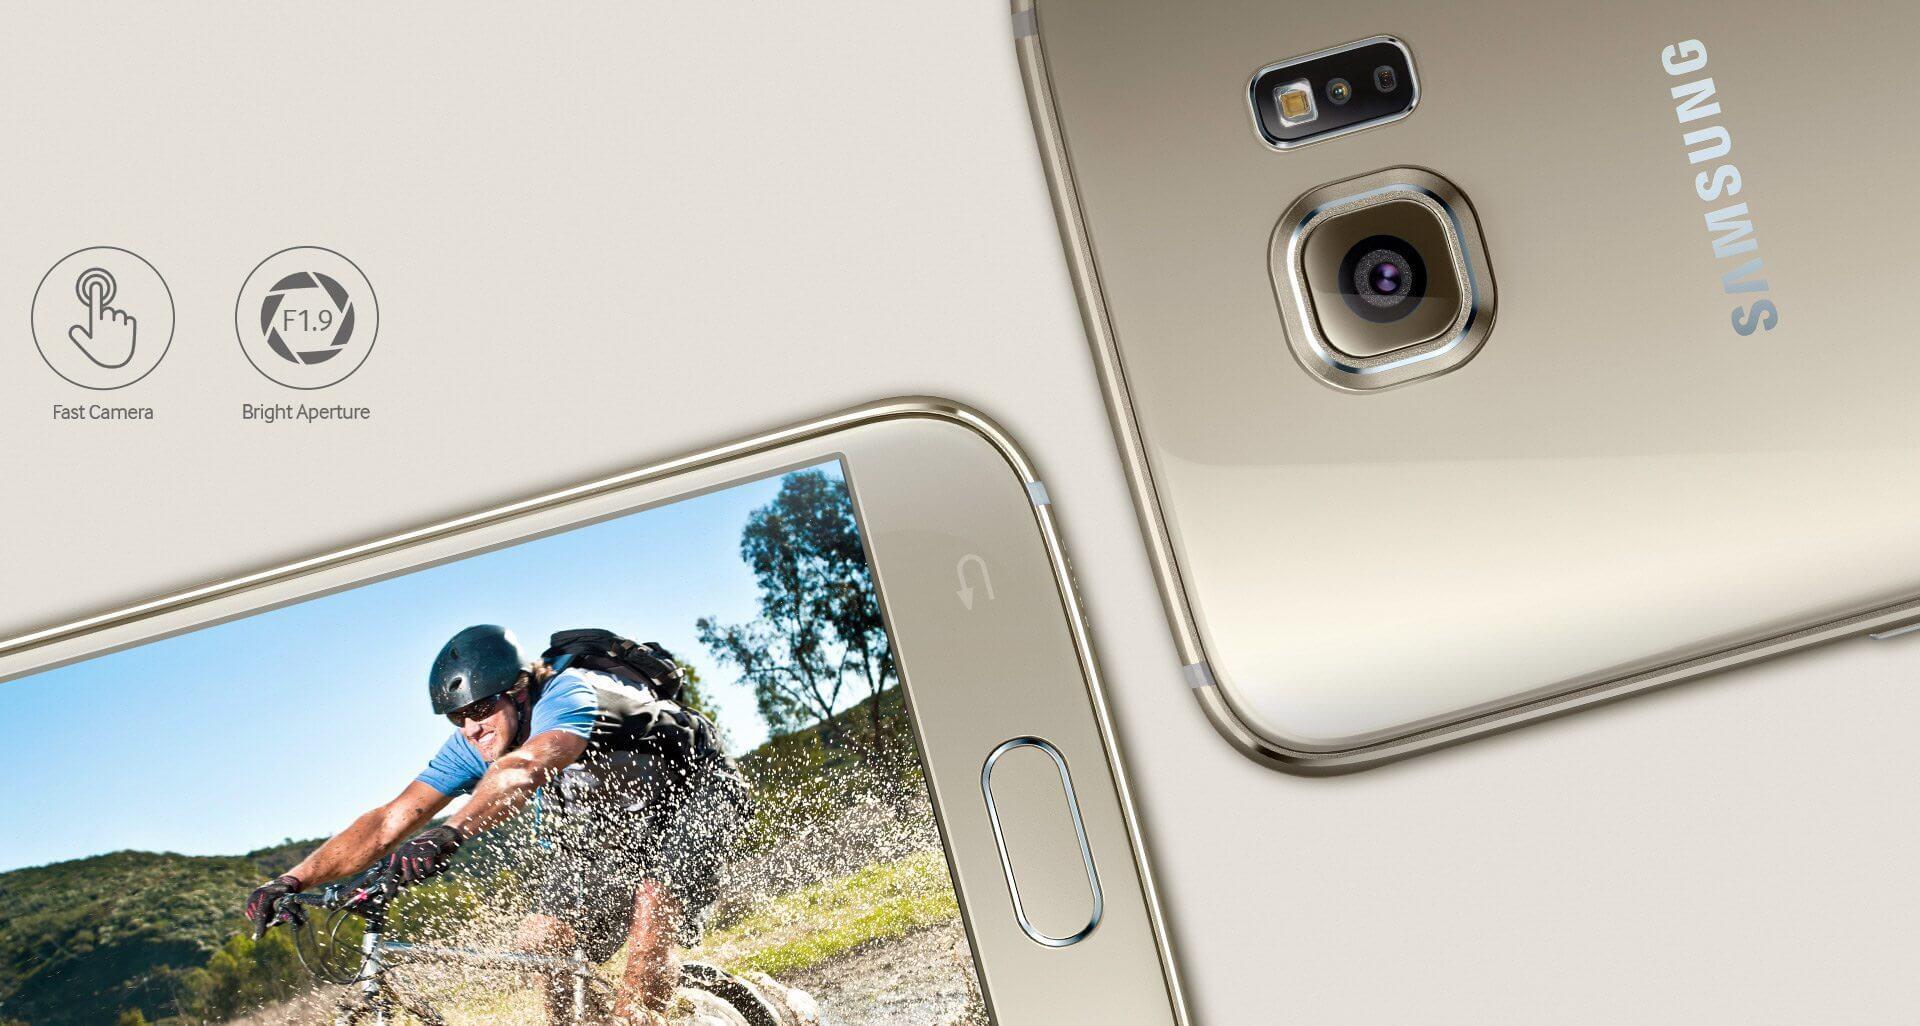 smt samsung galaxy s6 camera - Galaxy S6 e S6 Edge ganharão novas funções na câmera com Android 5.1.1